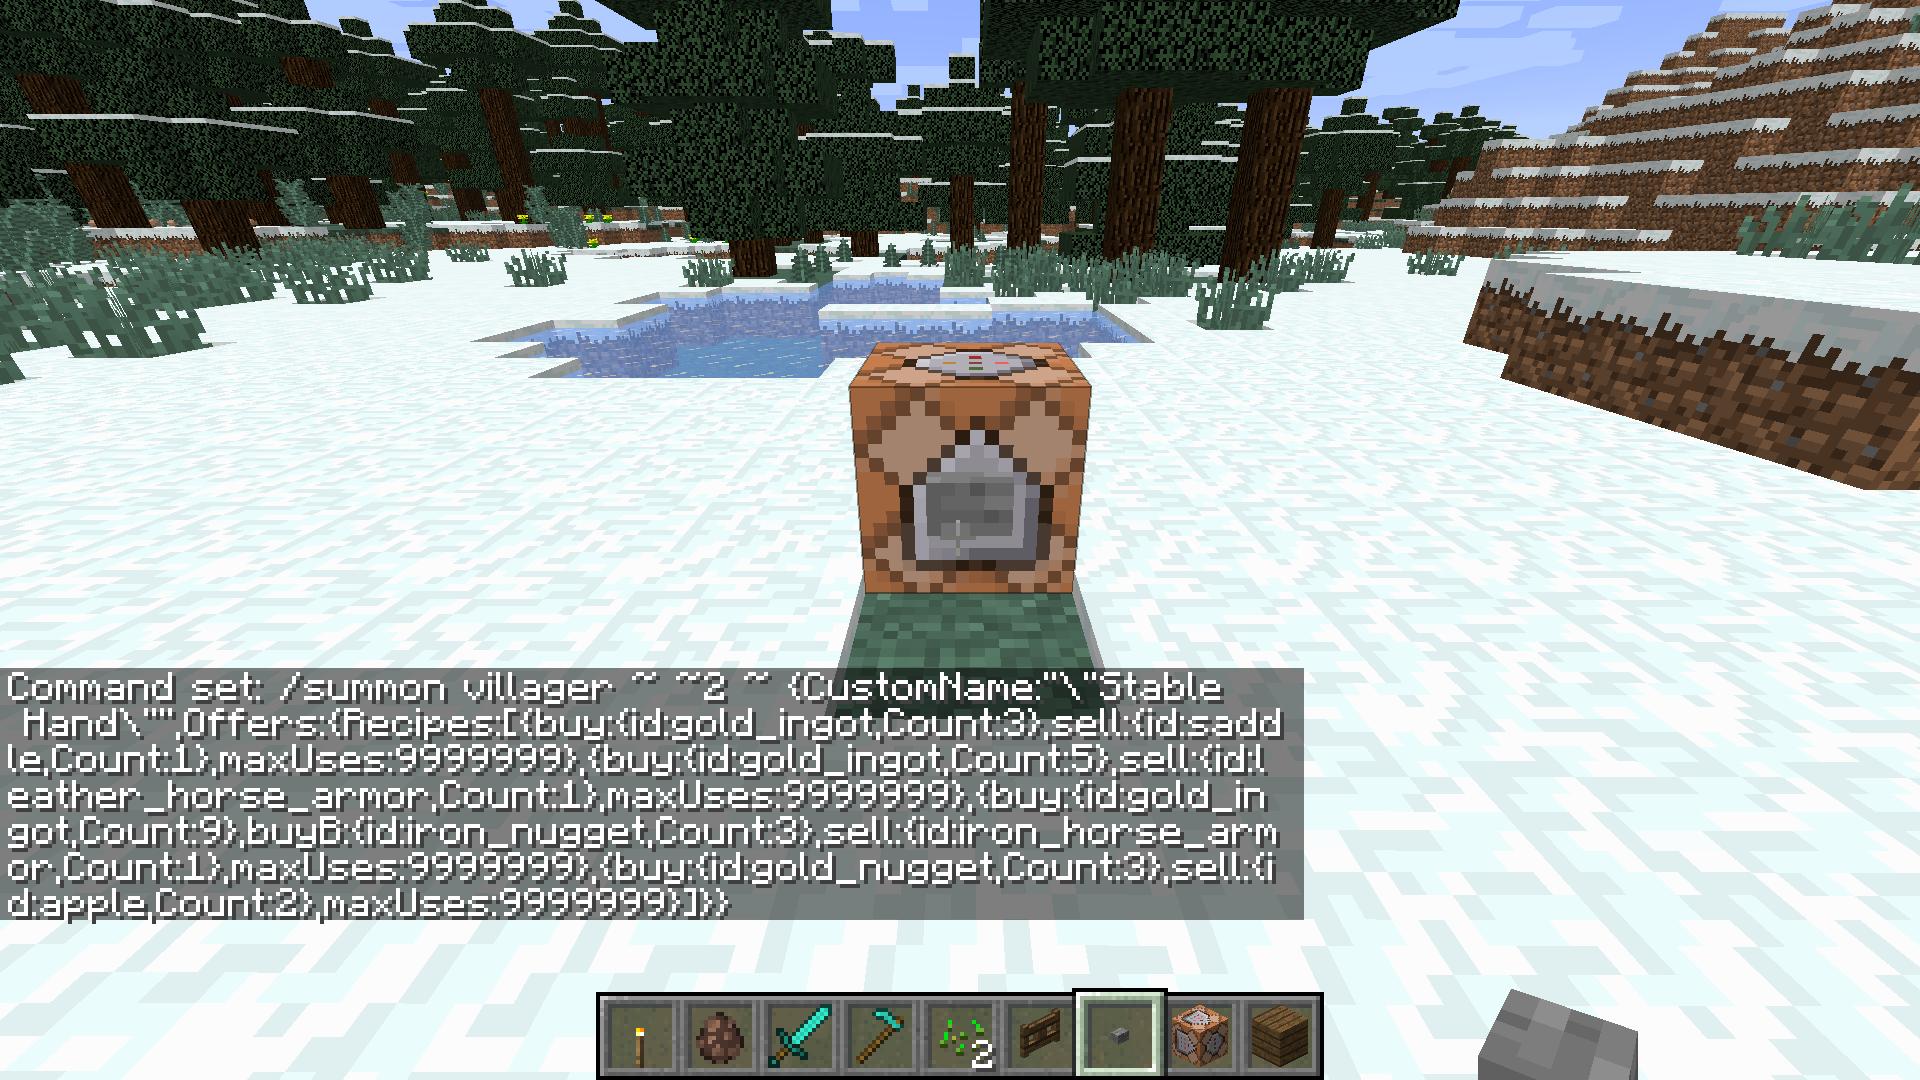 MC-10] Villagers lose custom trades given via command when